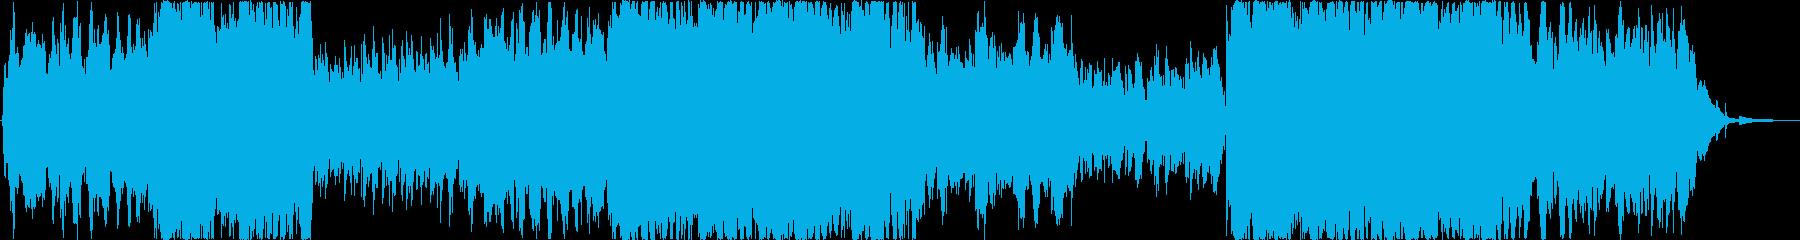 【ドラム抜き】切なく感動的な映像・番組向の再生済みの波形